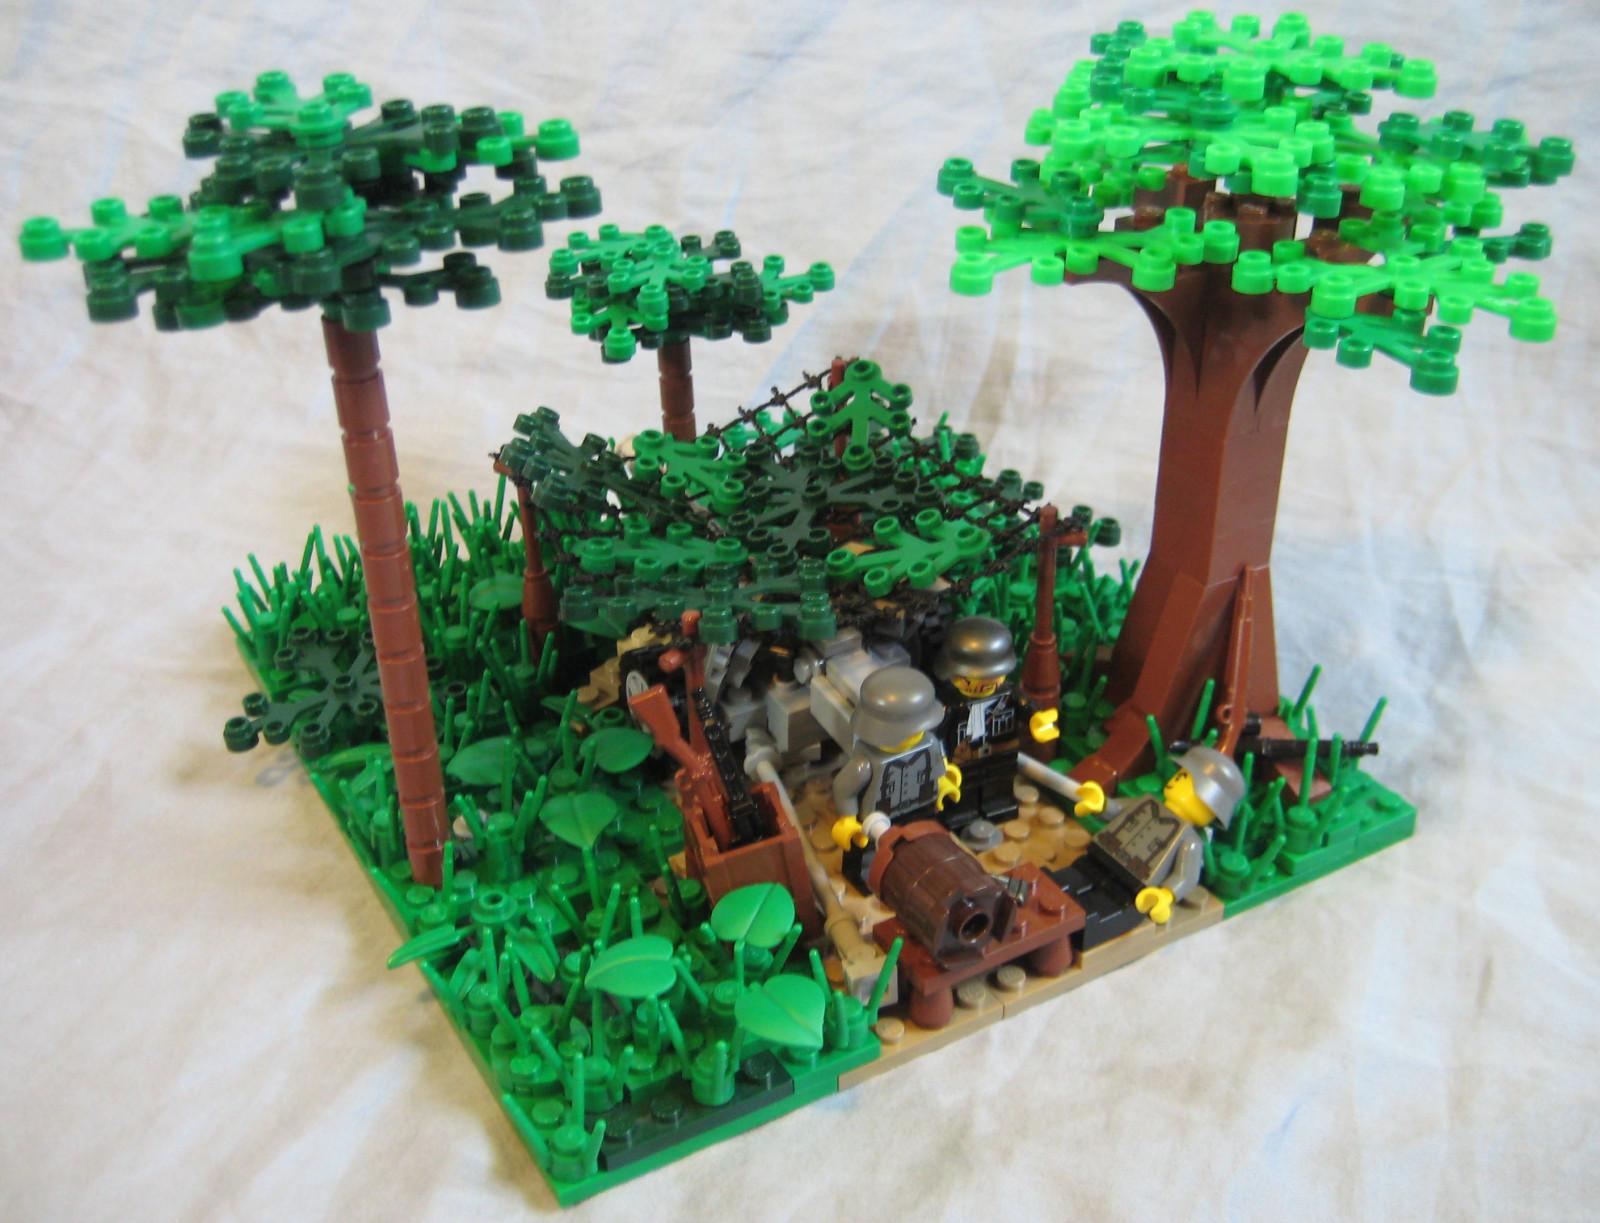 Folkekære Baggrunde : træ, plante, blomsterkrukke, stueplante, LEGO, græs JC-95